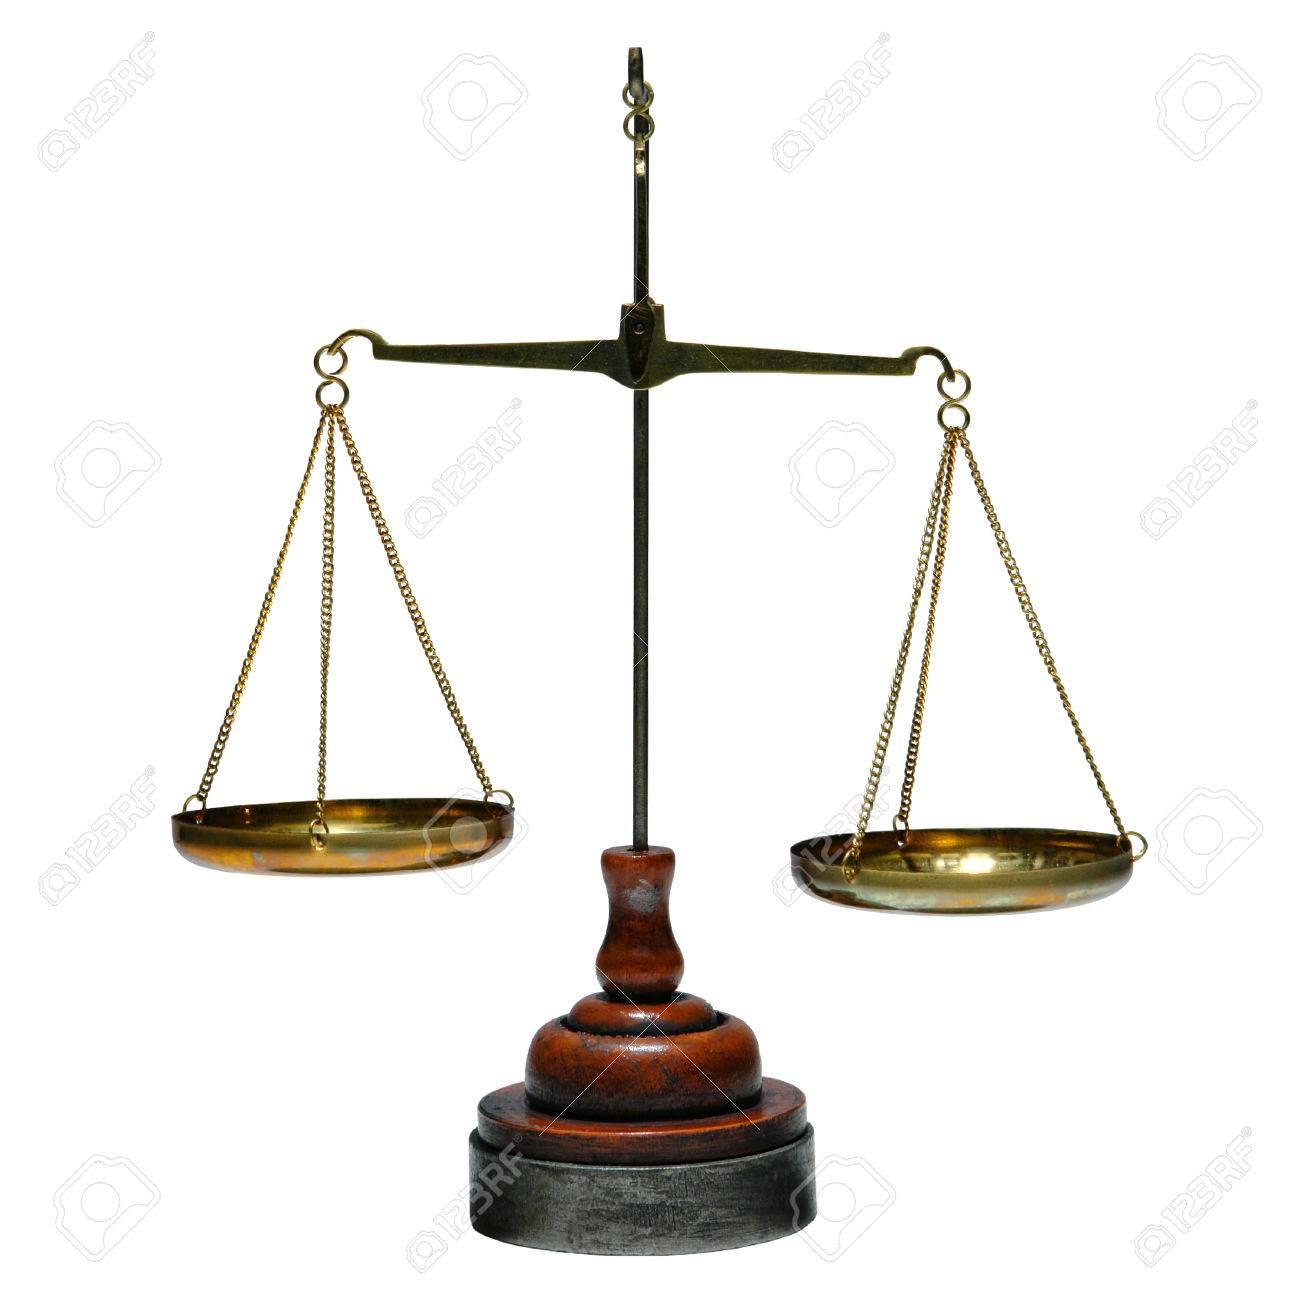 Ancien Poids Antique Type De Balance En Laiton échelle De Mesure ...